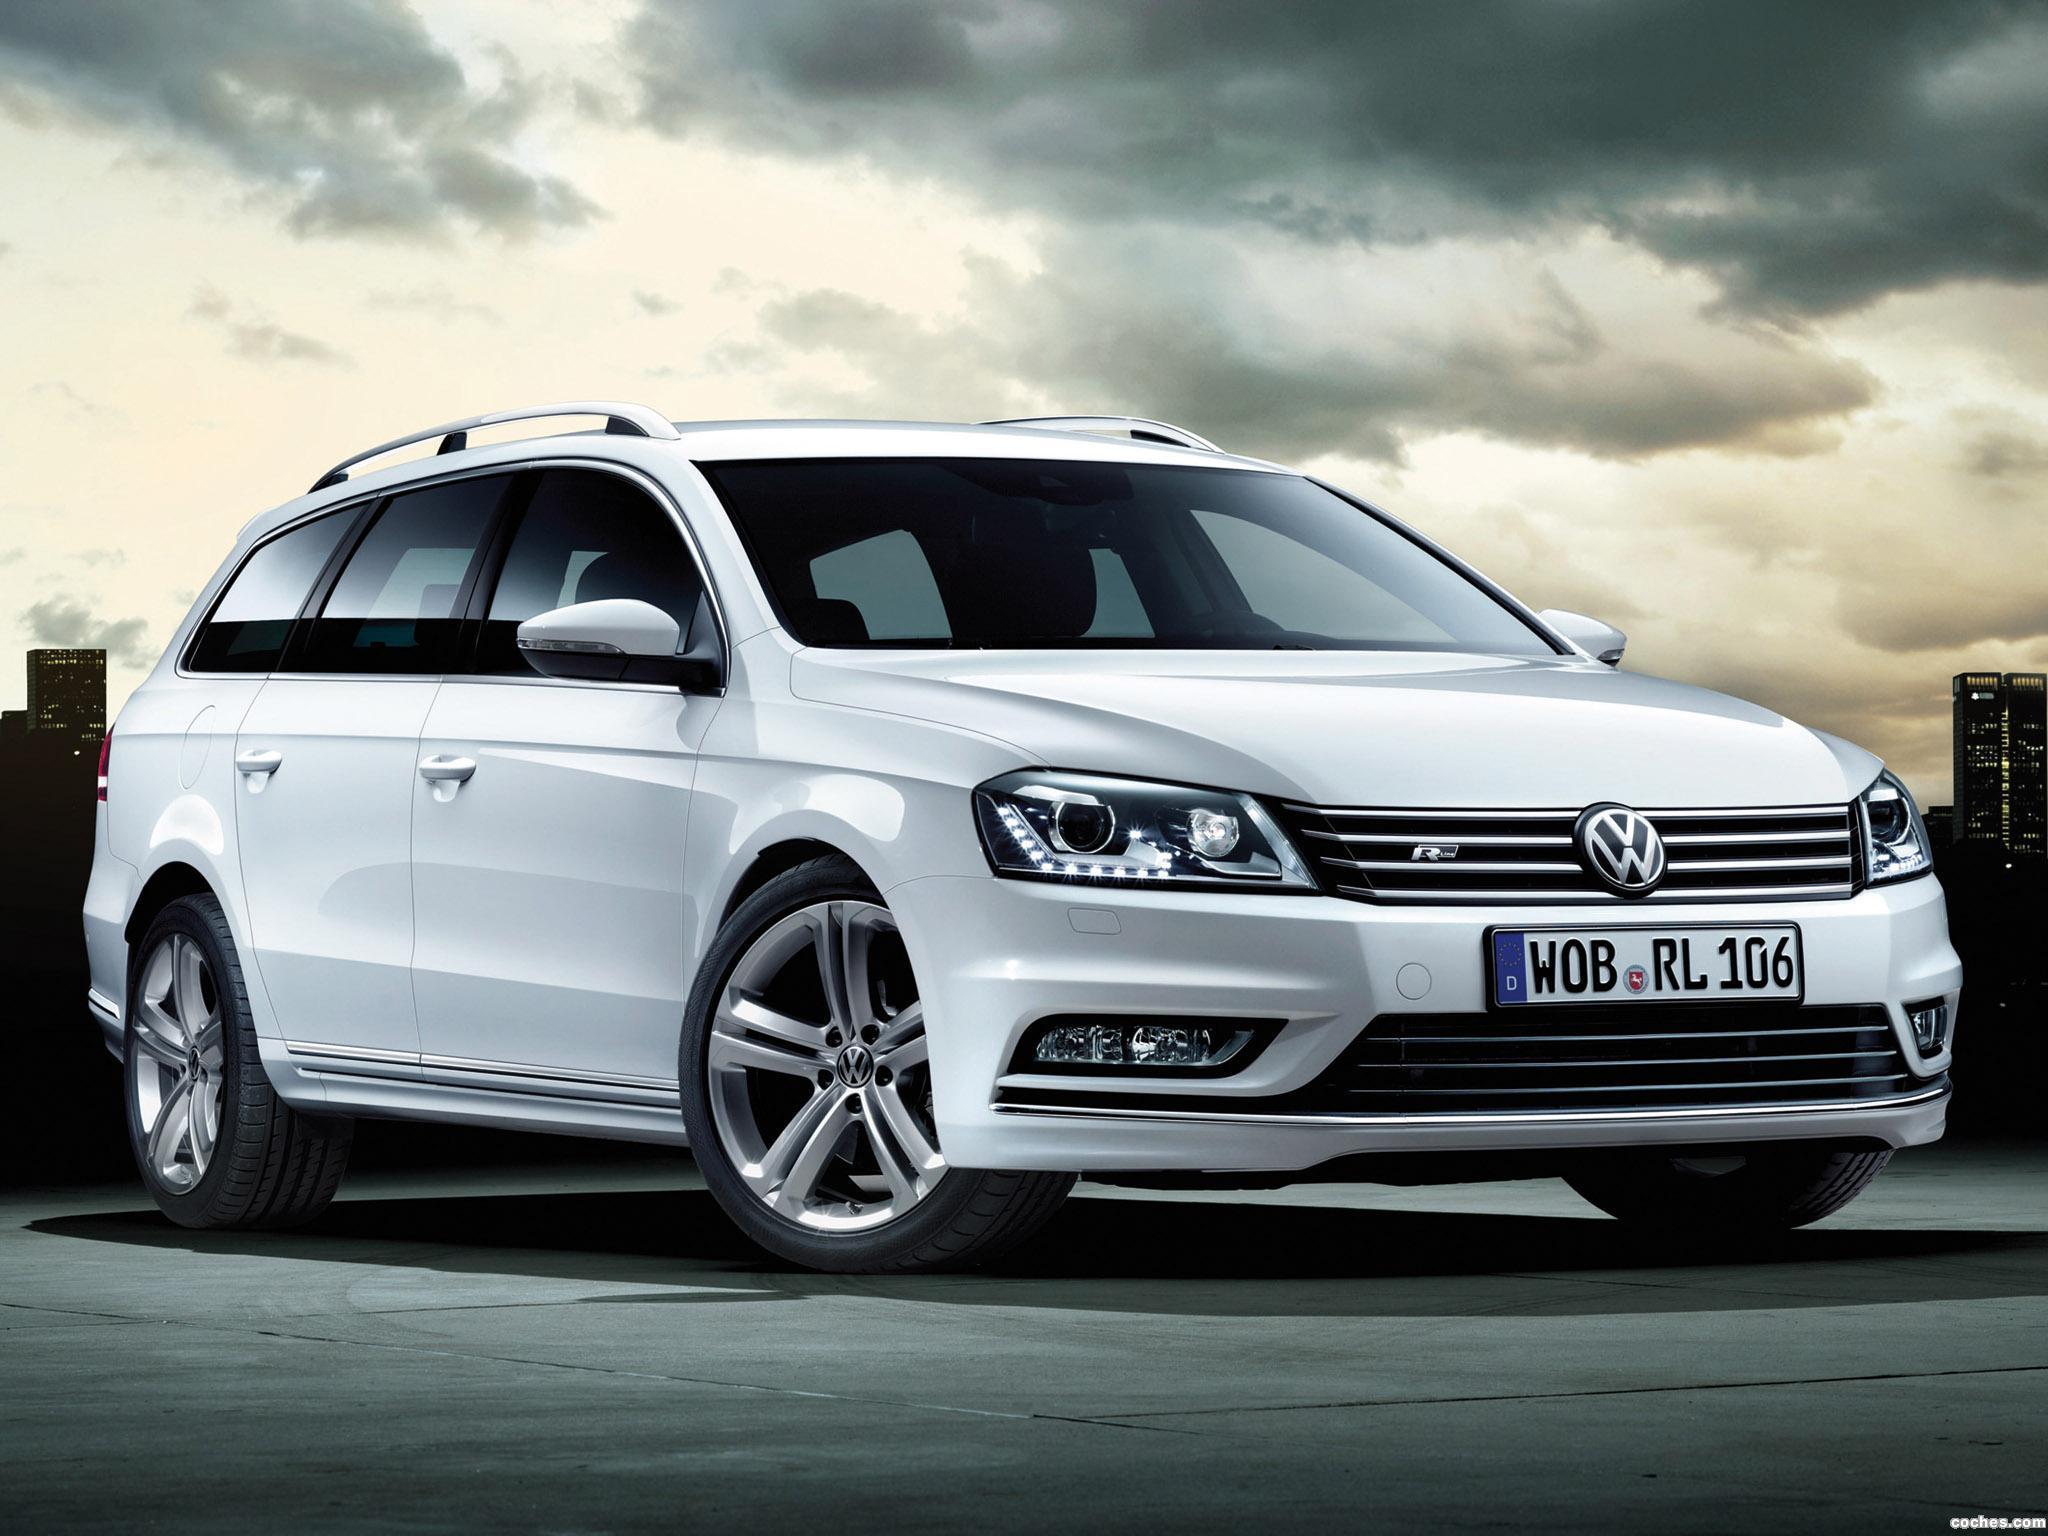 Foto 0 de Volkswagen Passat Variant  R-Line 2012